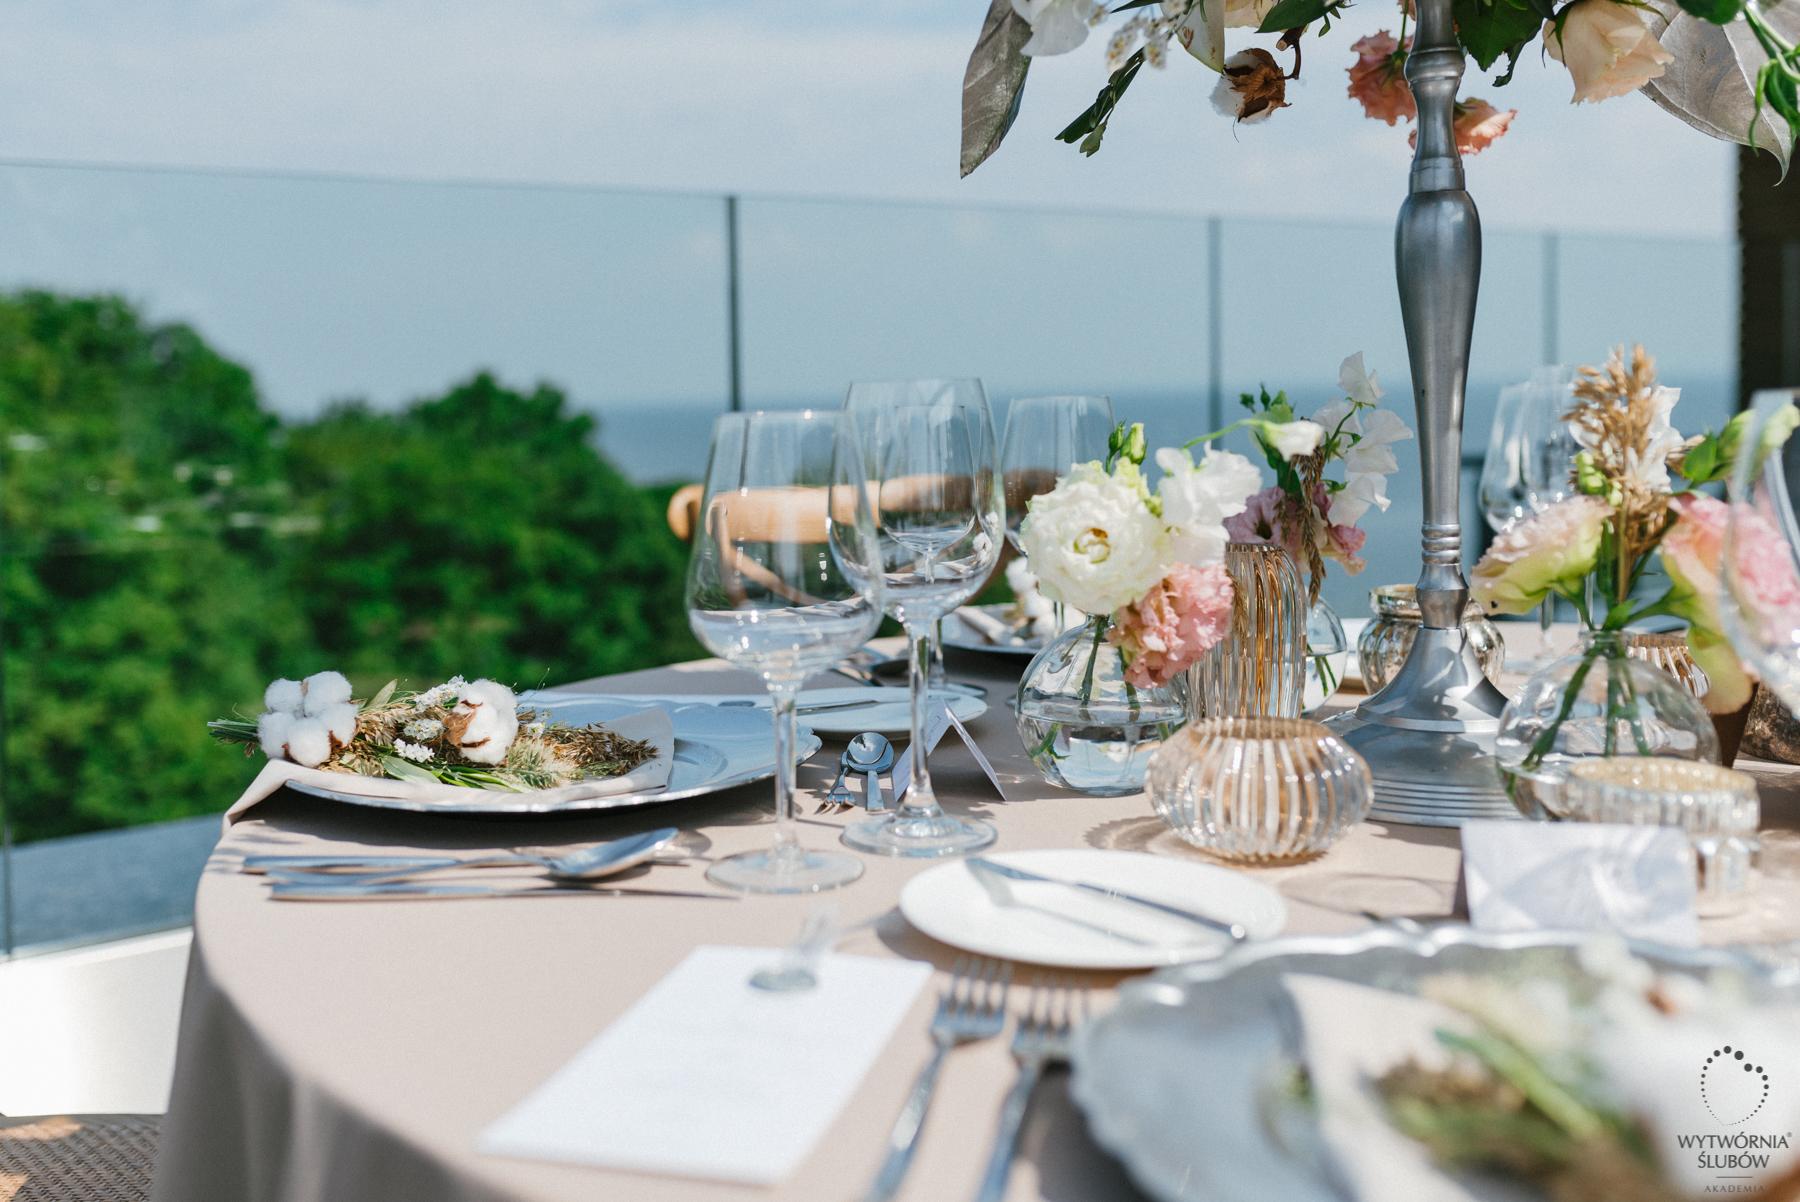 dekoracja stołu na wesele - ślubne dekoracje